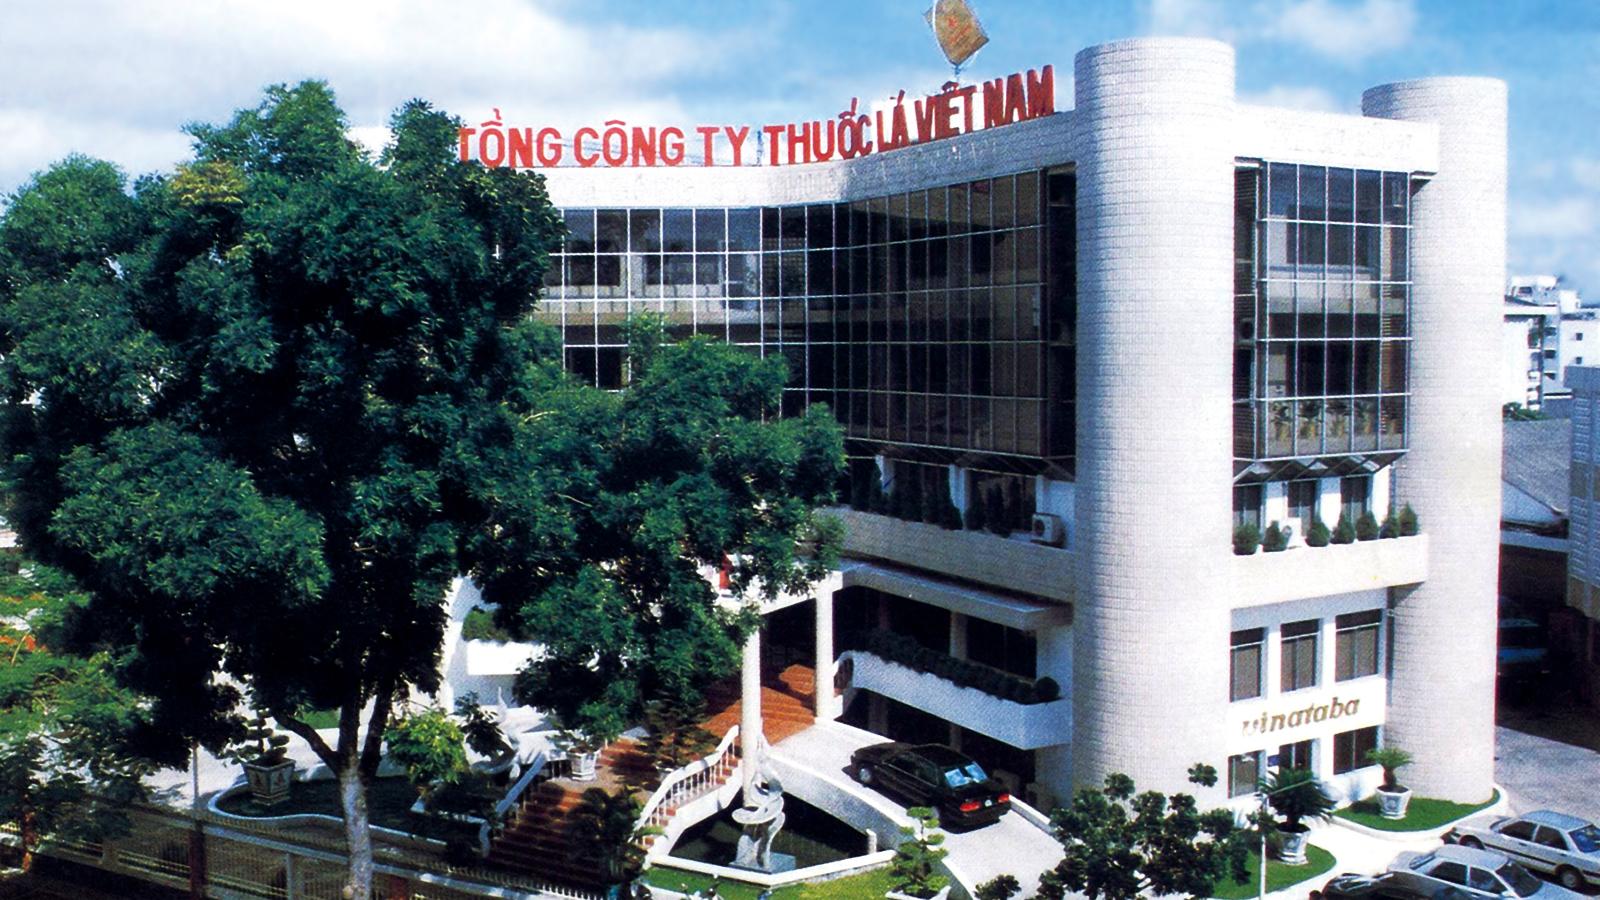 Vinataba là một trong những doanh nghiệp top đầu nộp Ngân sách Nhà nước